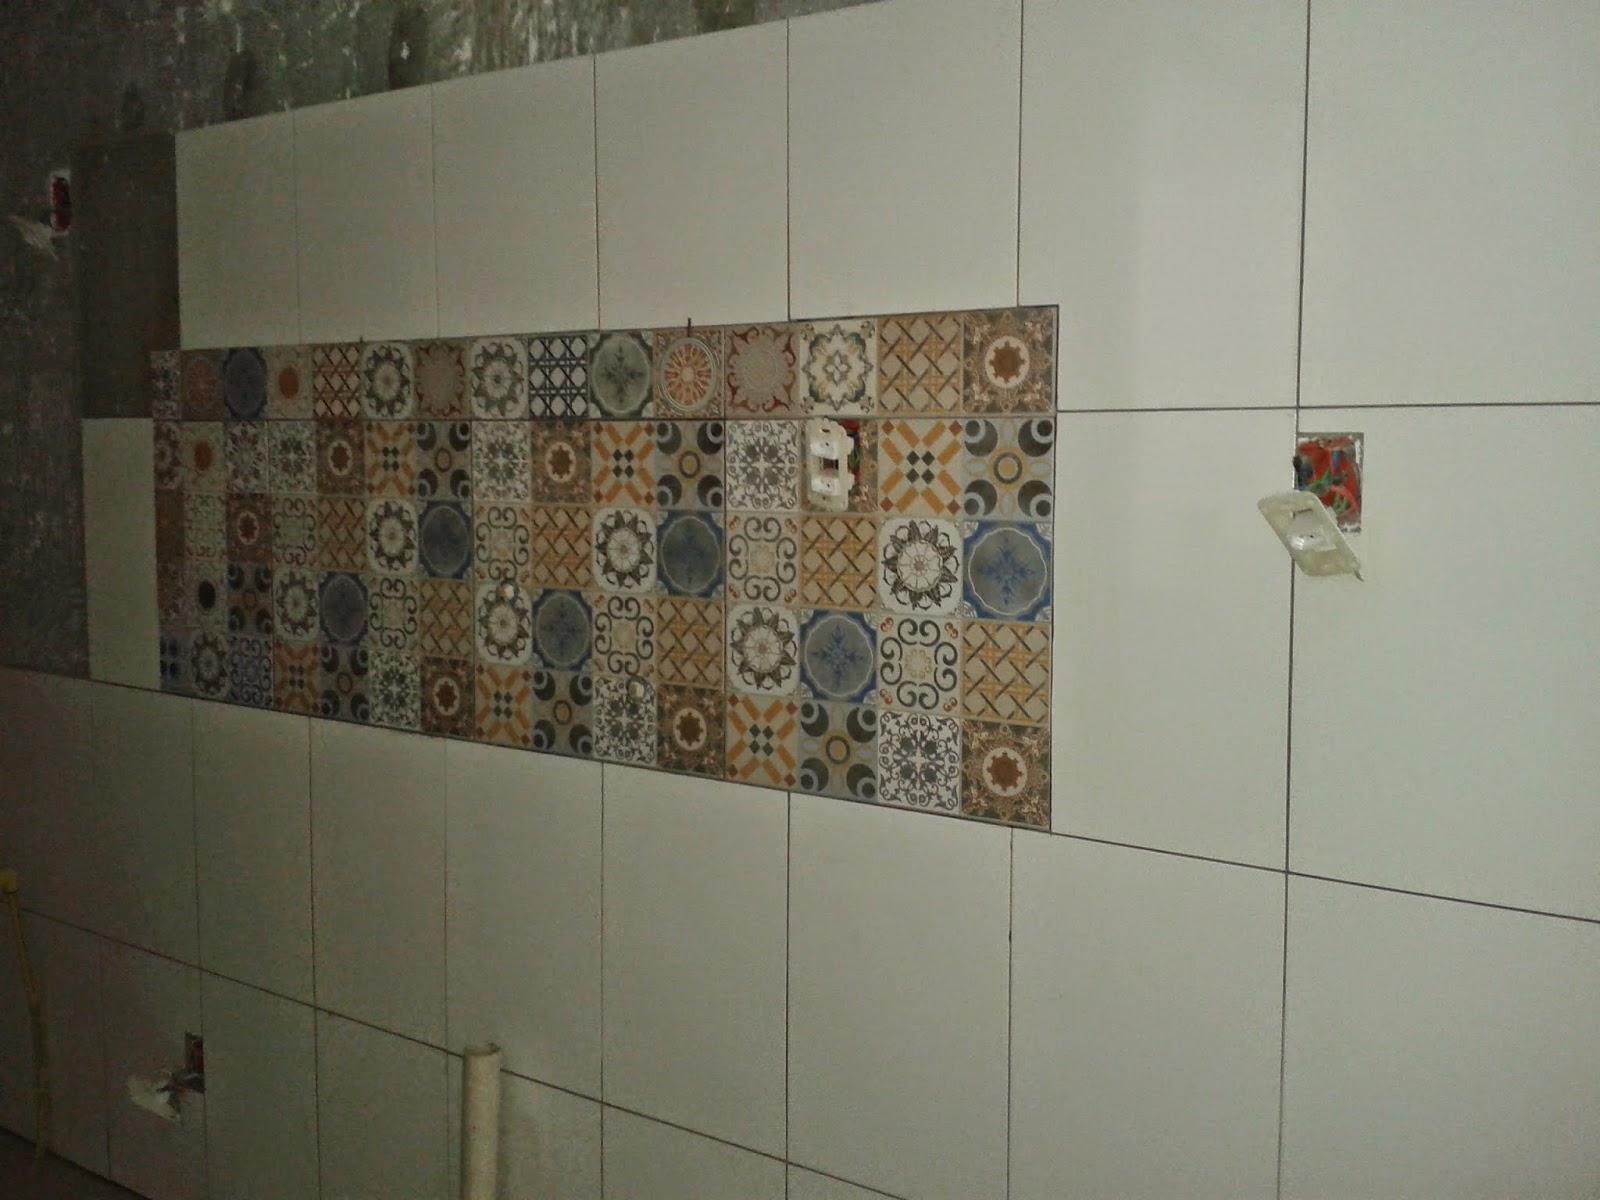 decoracao de interiores gastando pouco: na área molhada na parede  #5E4E38 1600 1200